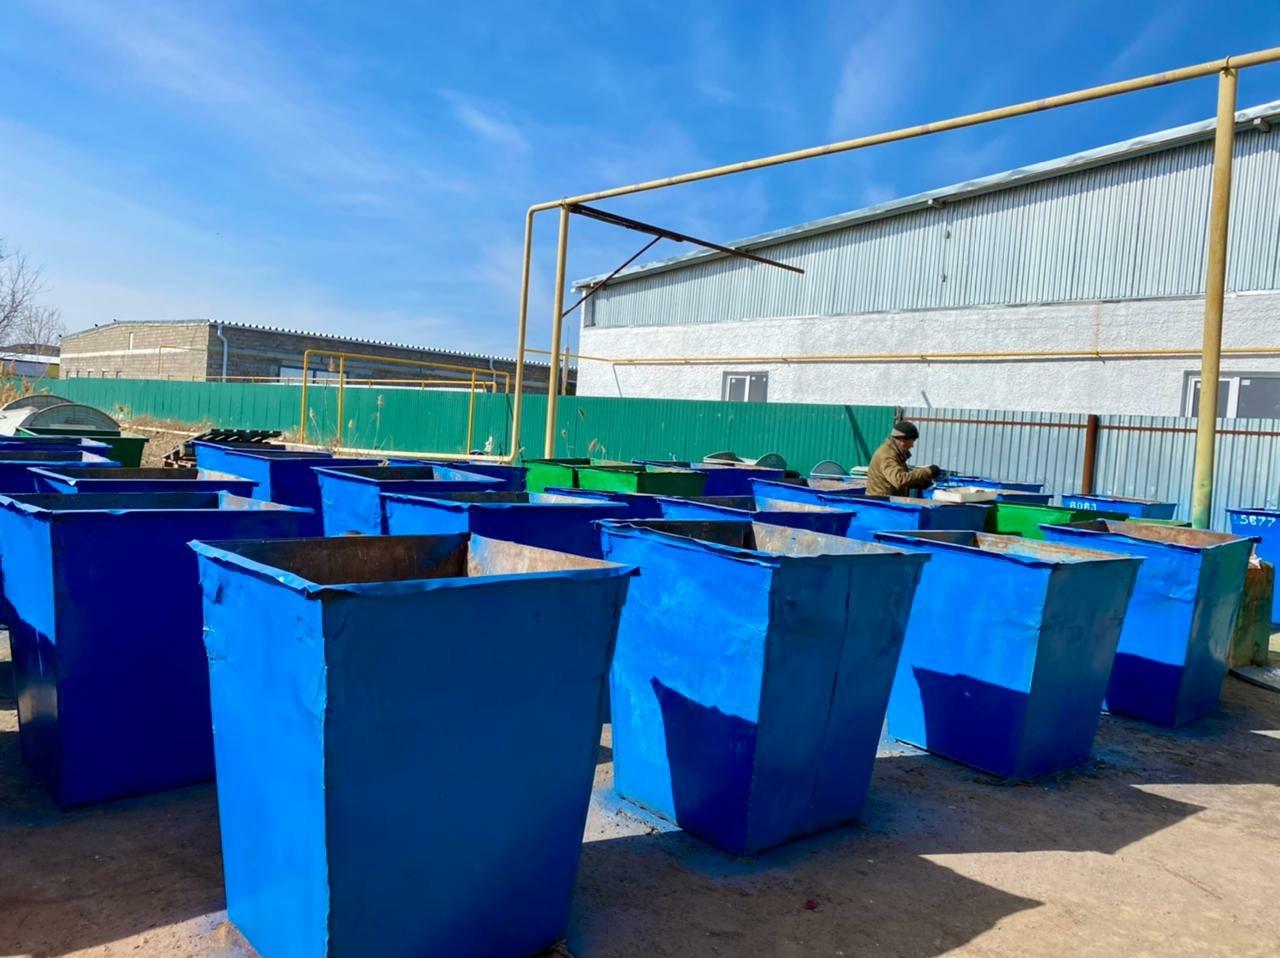 Регоператор ООО «ЭкоЦентр» отремонтировал свыше 350 контейнеров